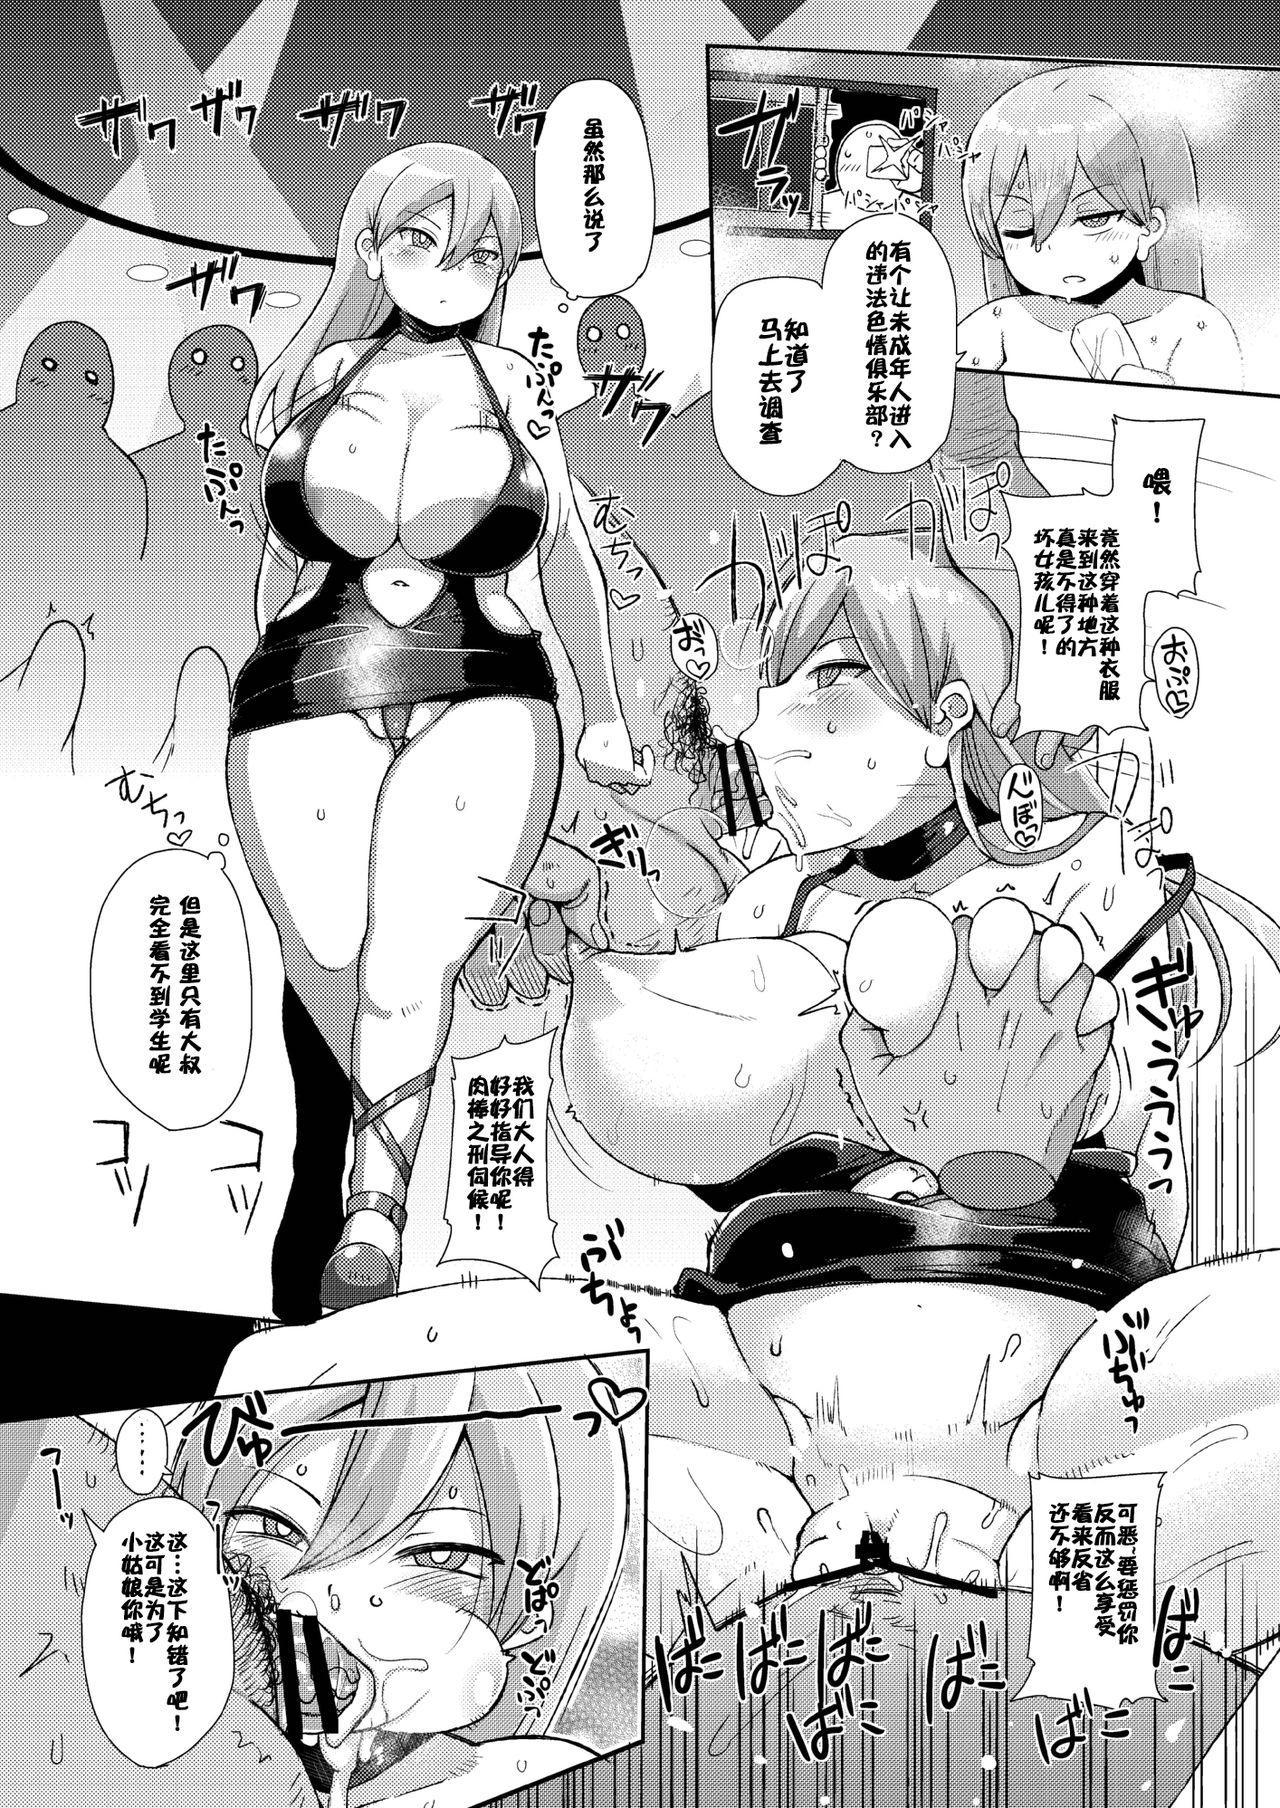 Nandemo Chousa Shoujo no Doujinshi ga Deta? Wakarimashita Chousa Shimasu 43